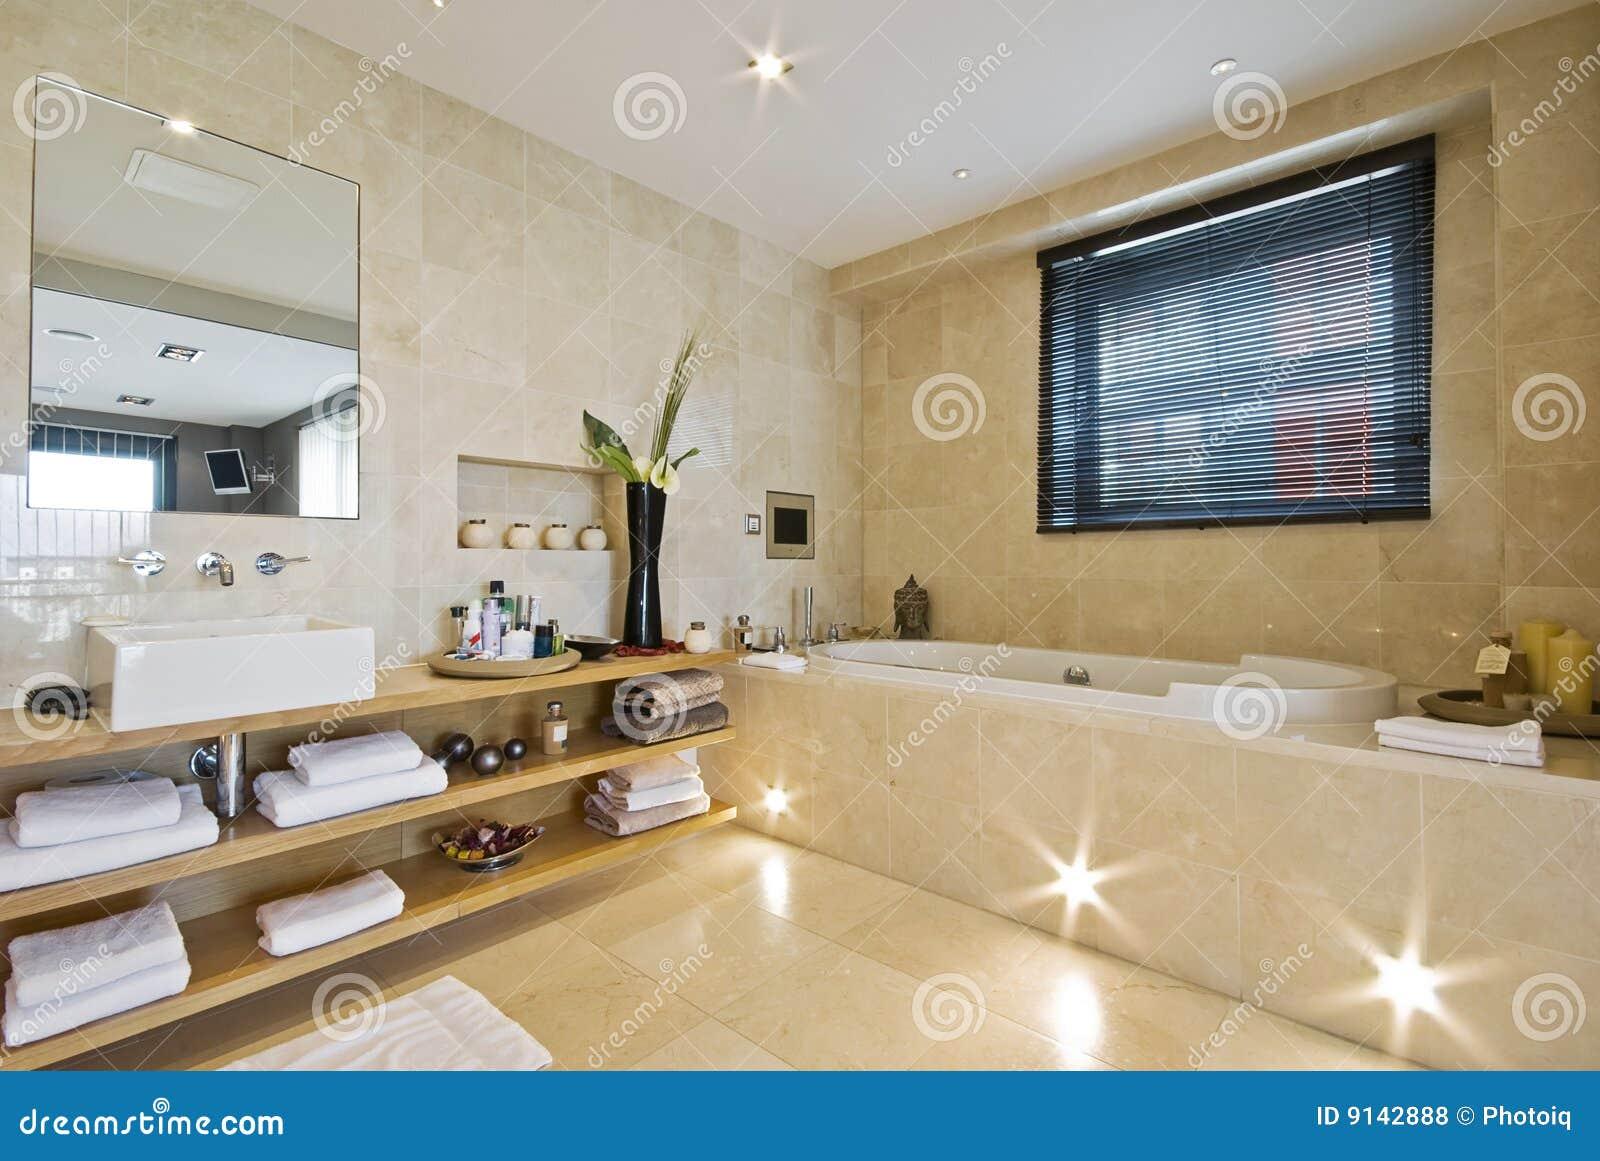 Salle de bains de luxe avec du marbre brun clair photos for Salle de bain orientale luxe